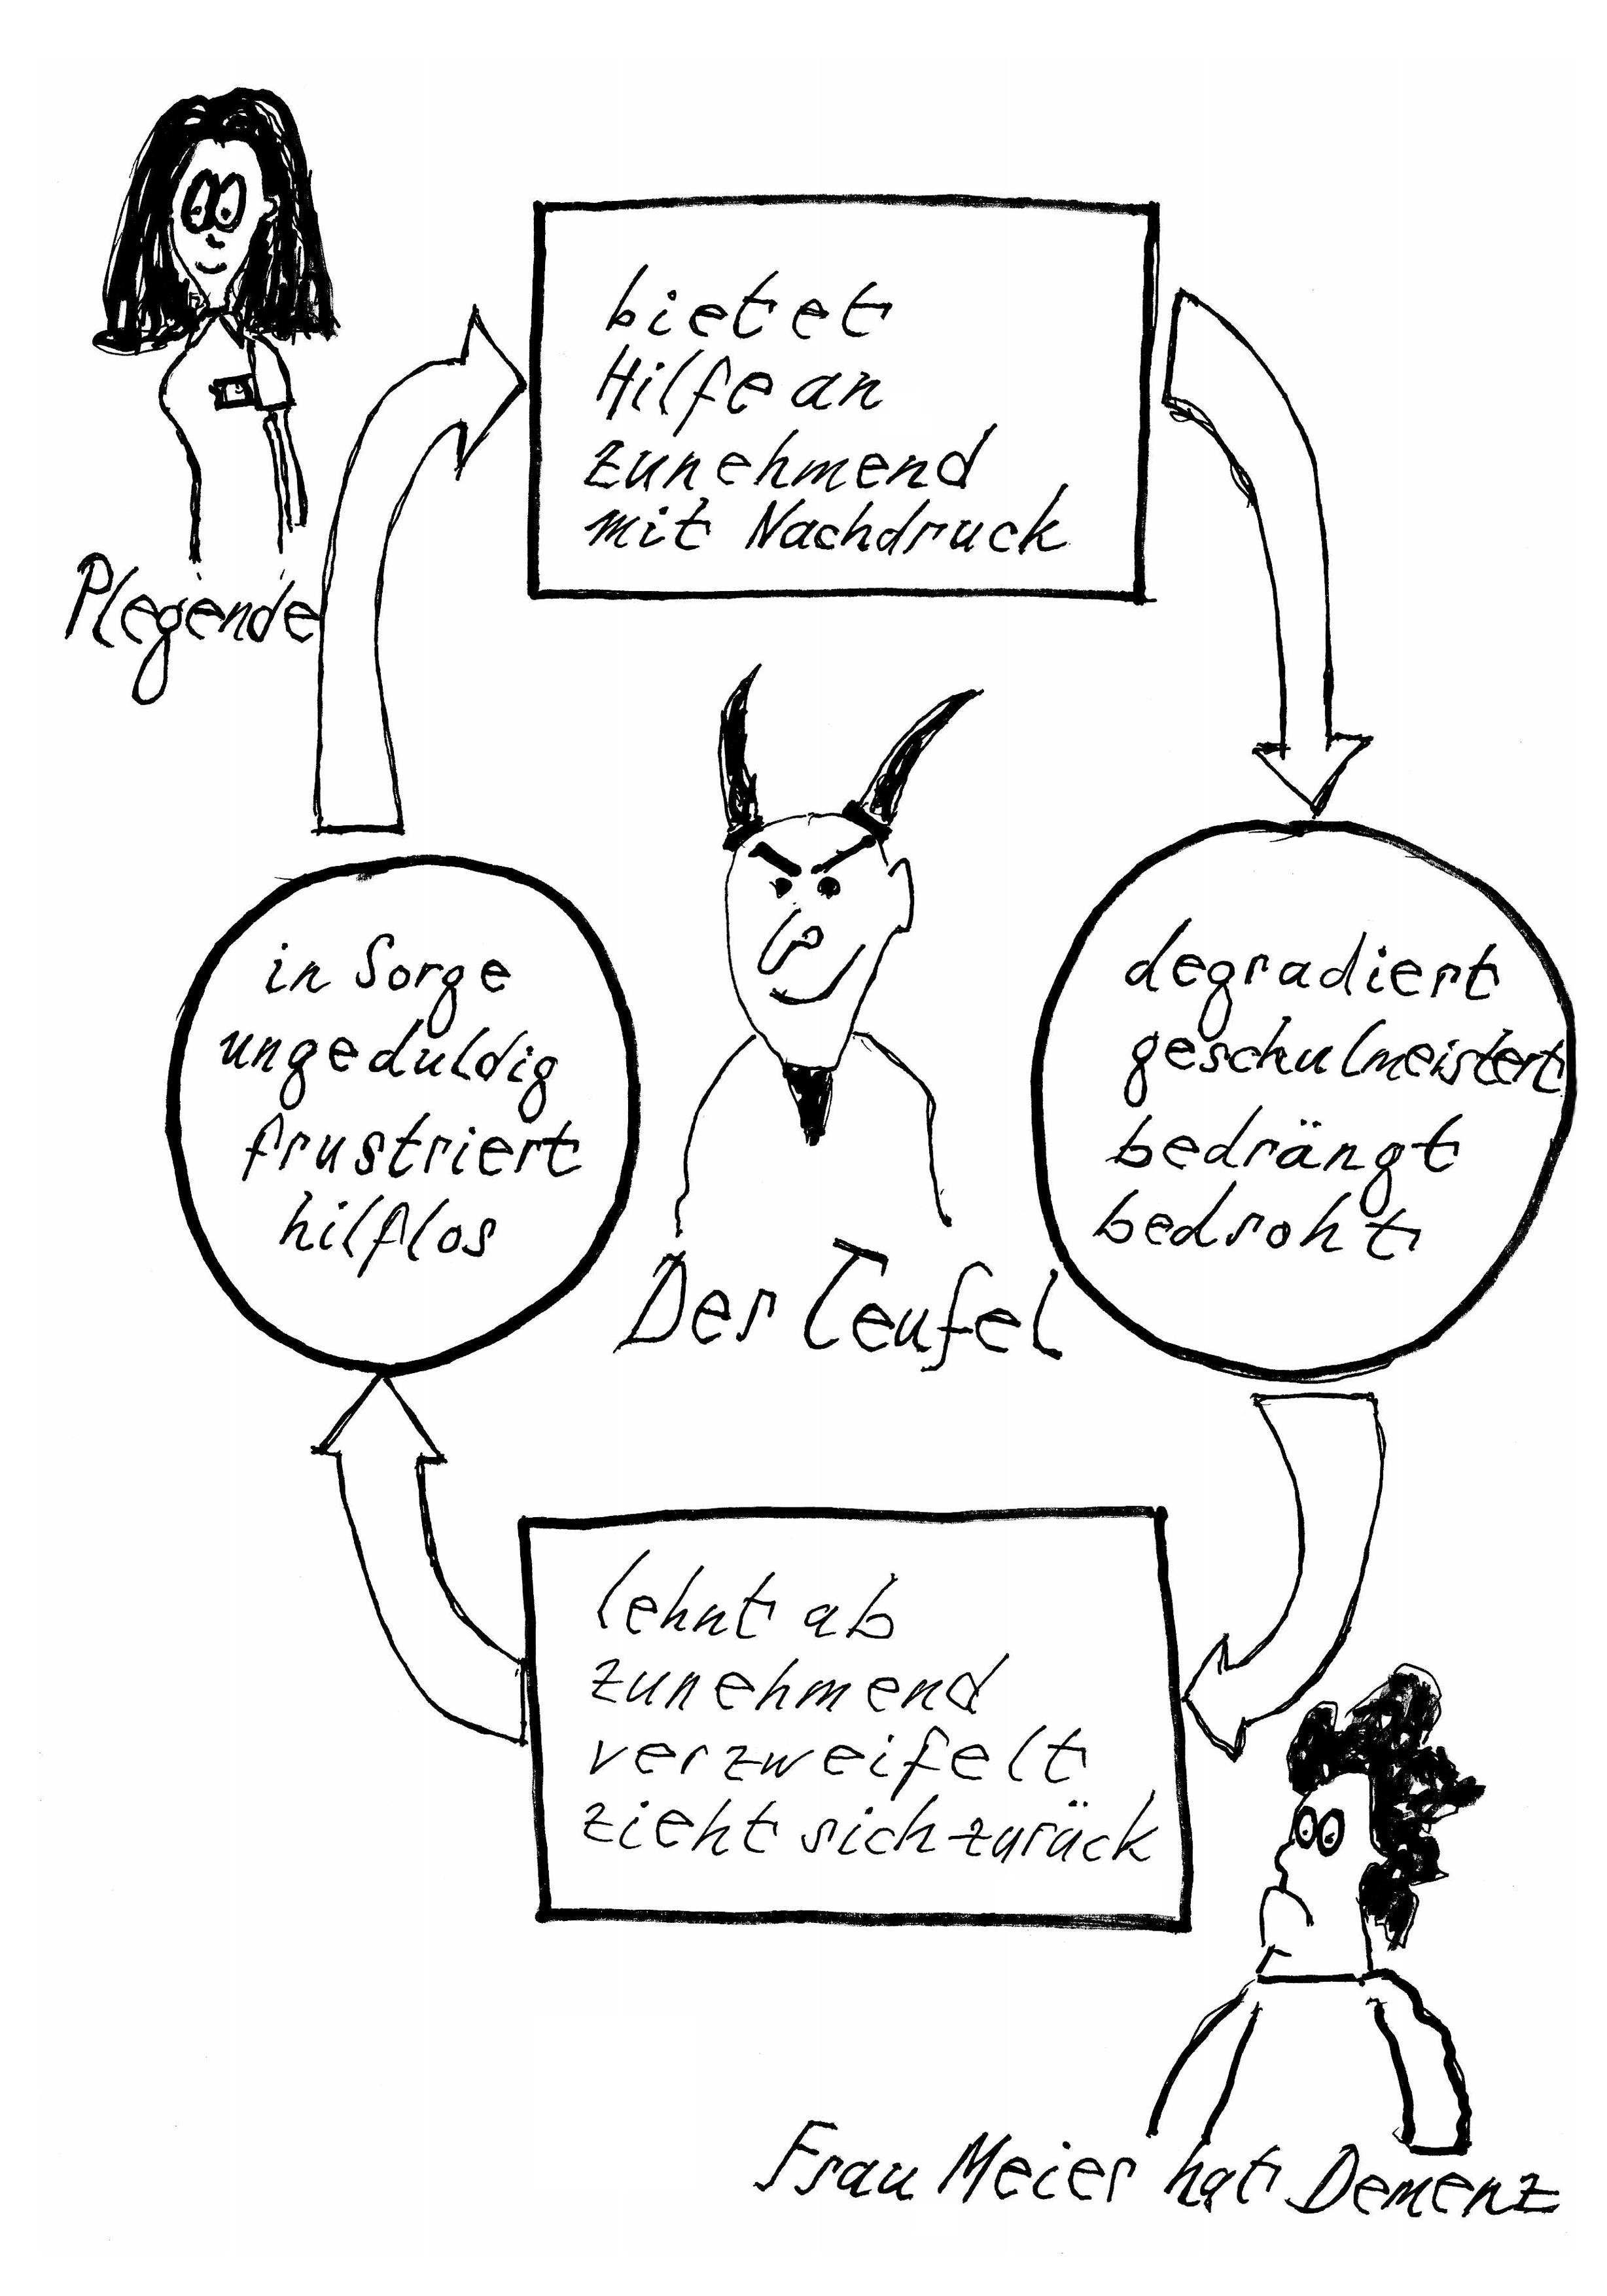 warum - Wahrnehmungsstorungen Beispiele